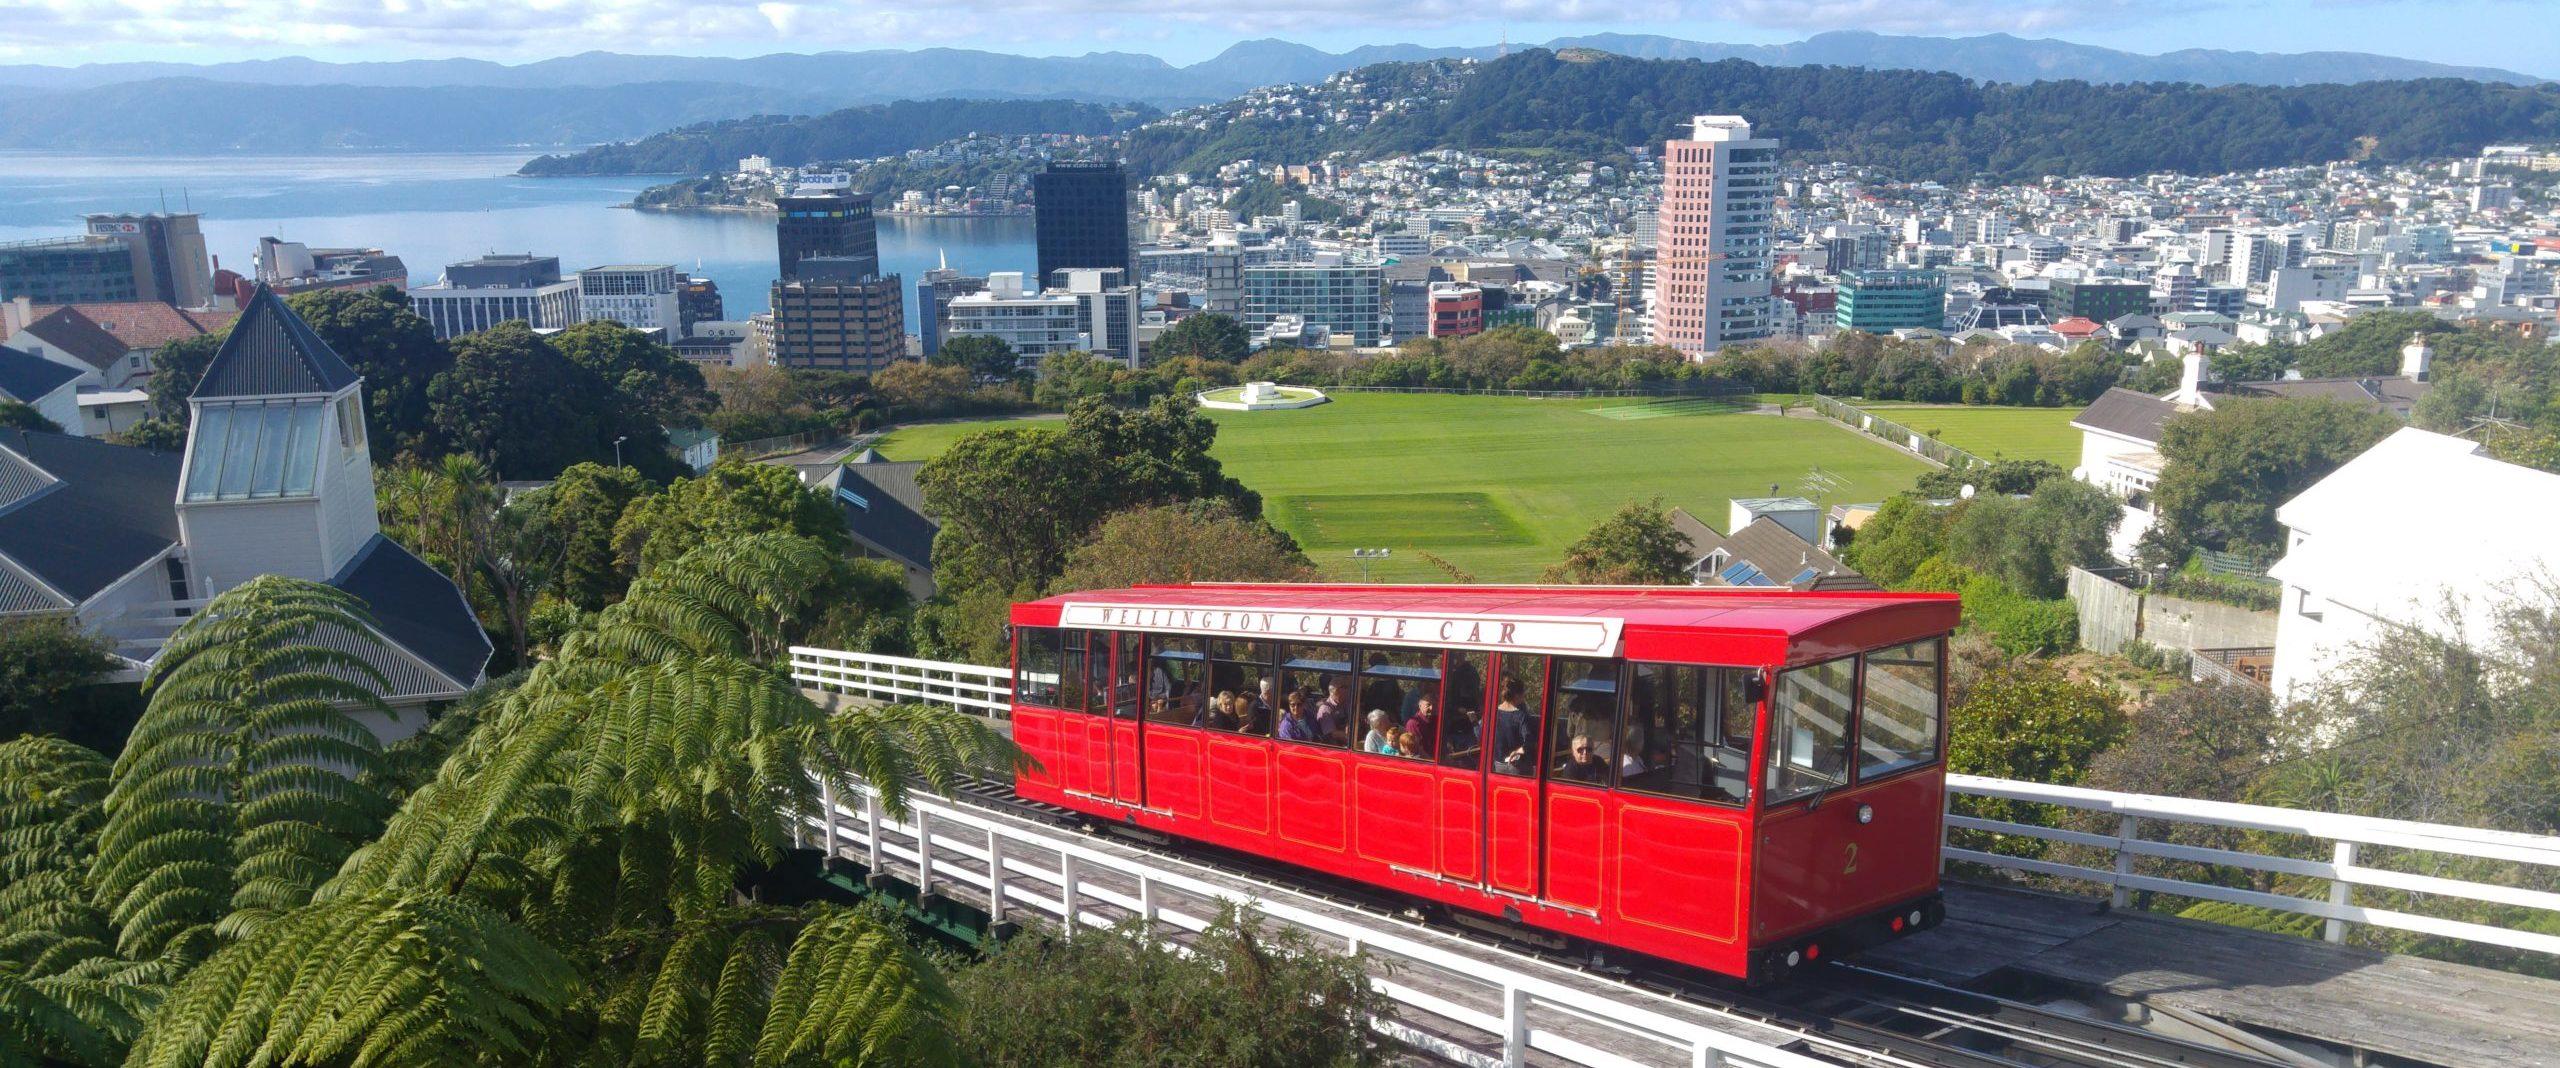 Meine 6 Nordinsel Highlights Neuseeland